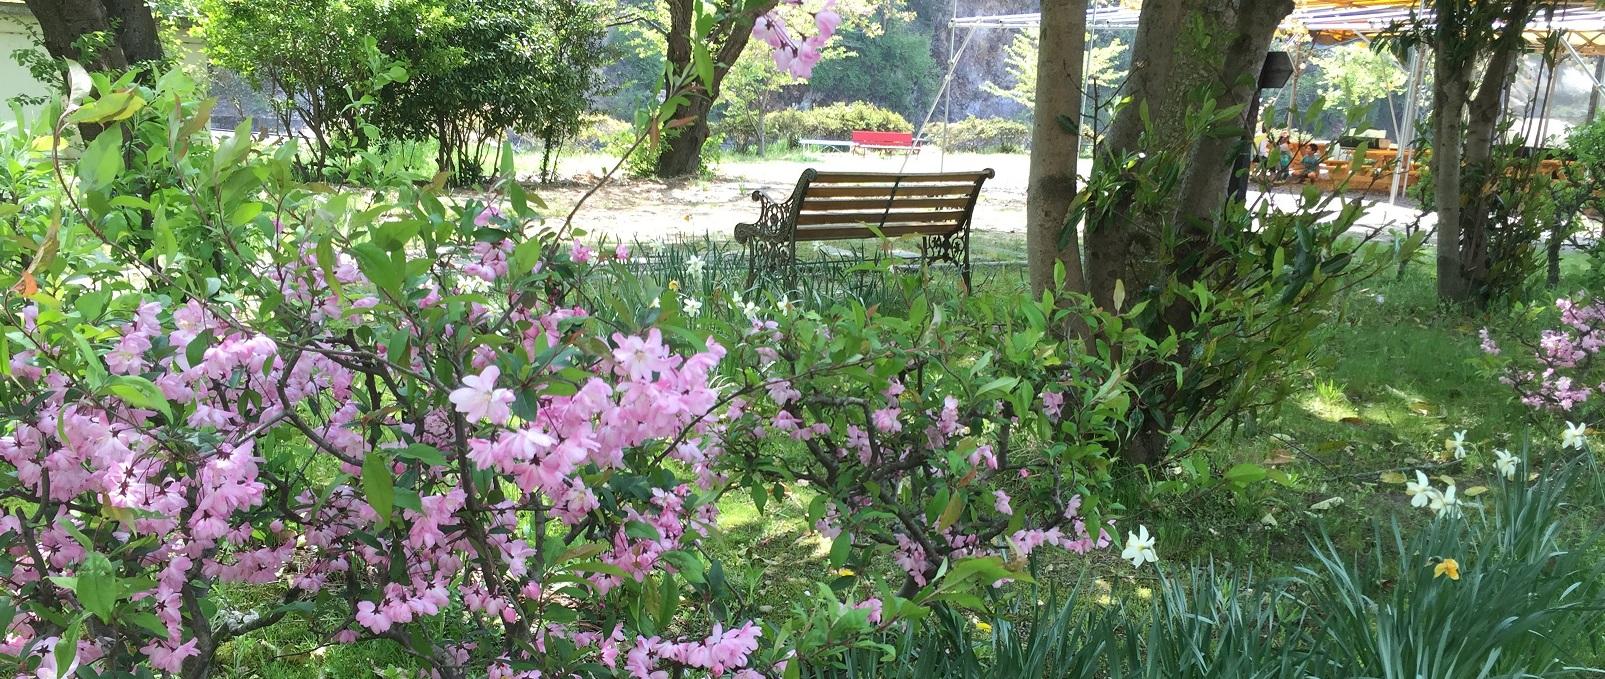 心やすらぐ天然温泉の宿 茂庭荘